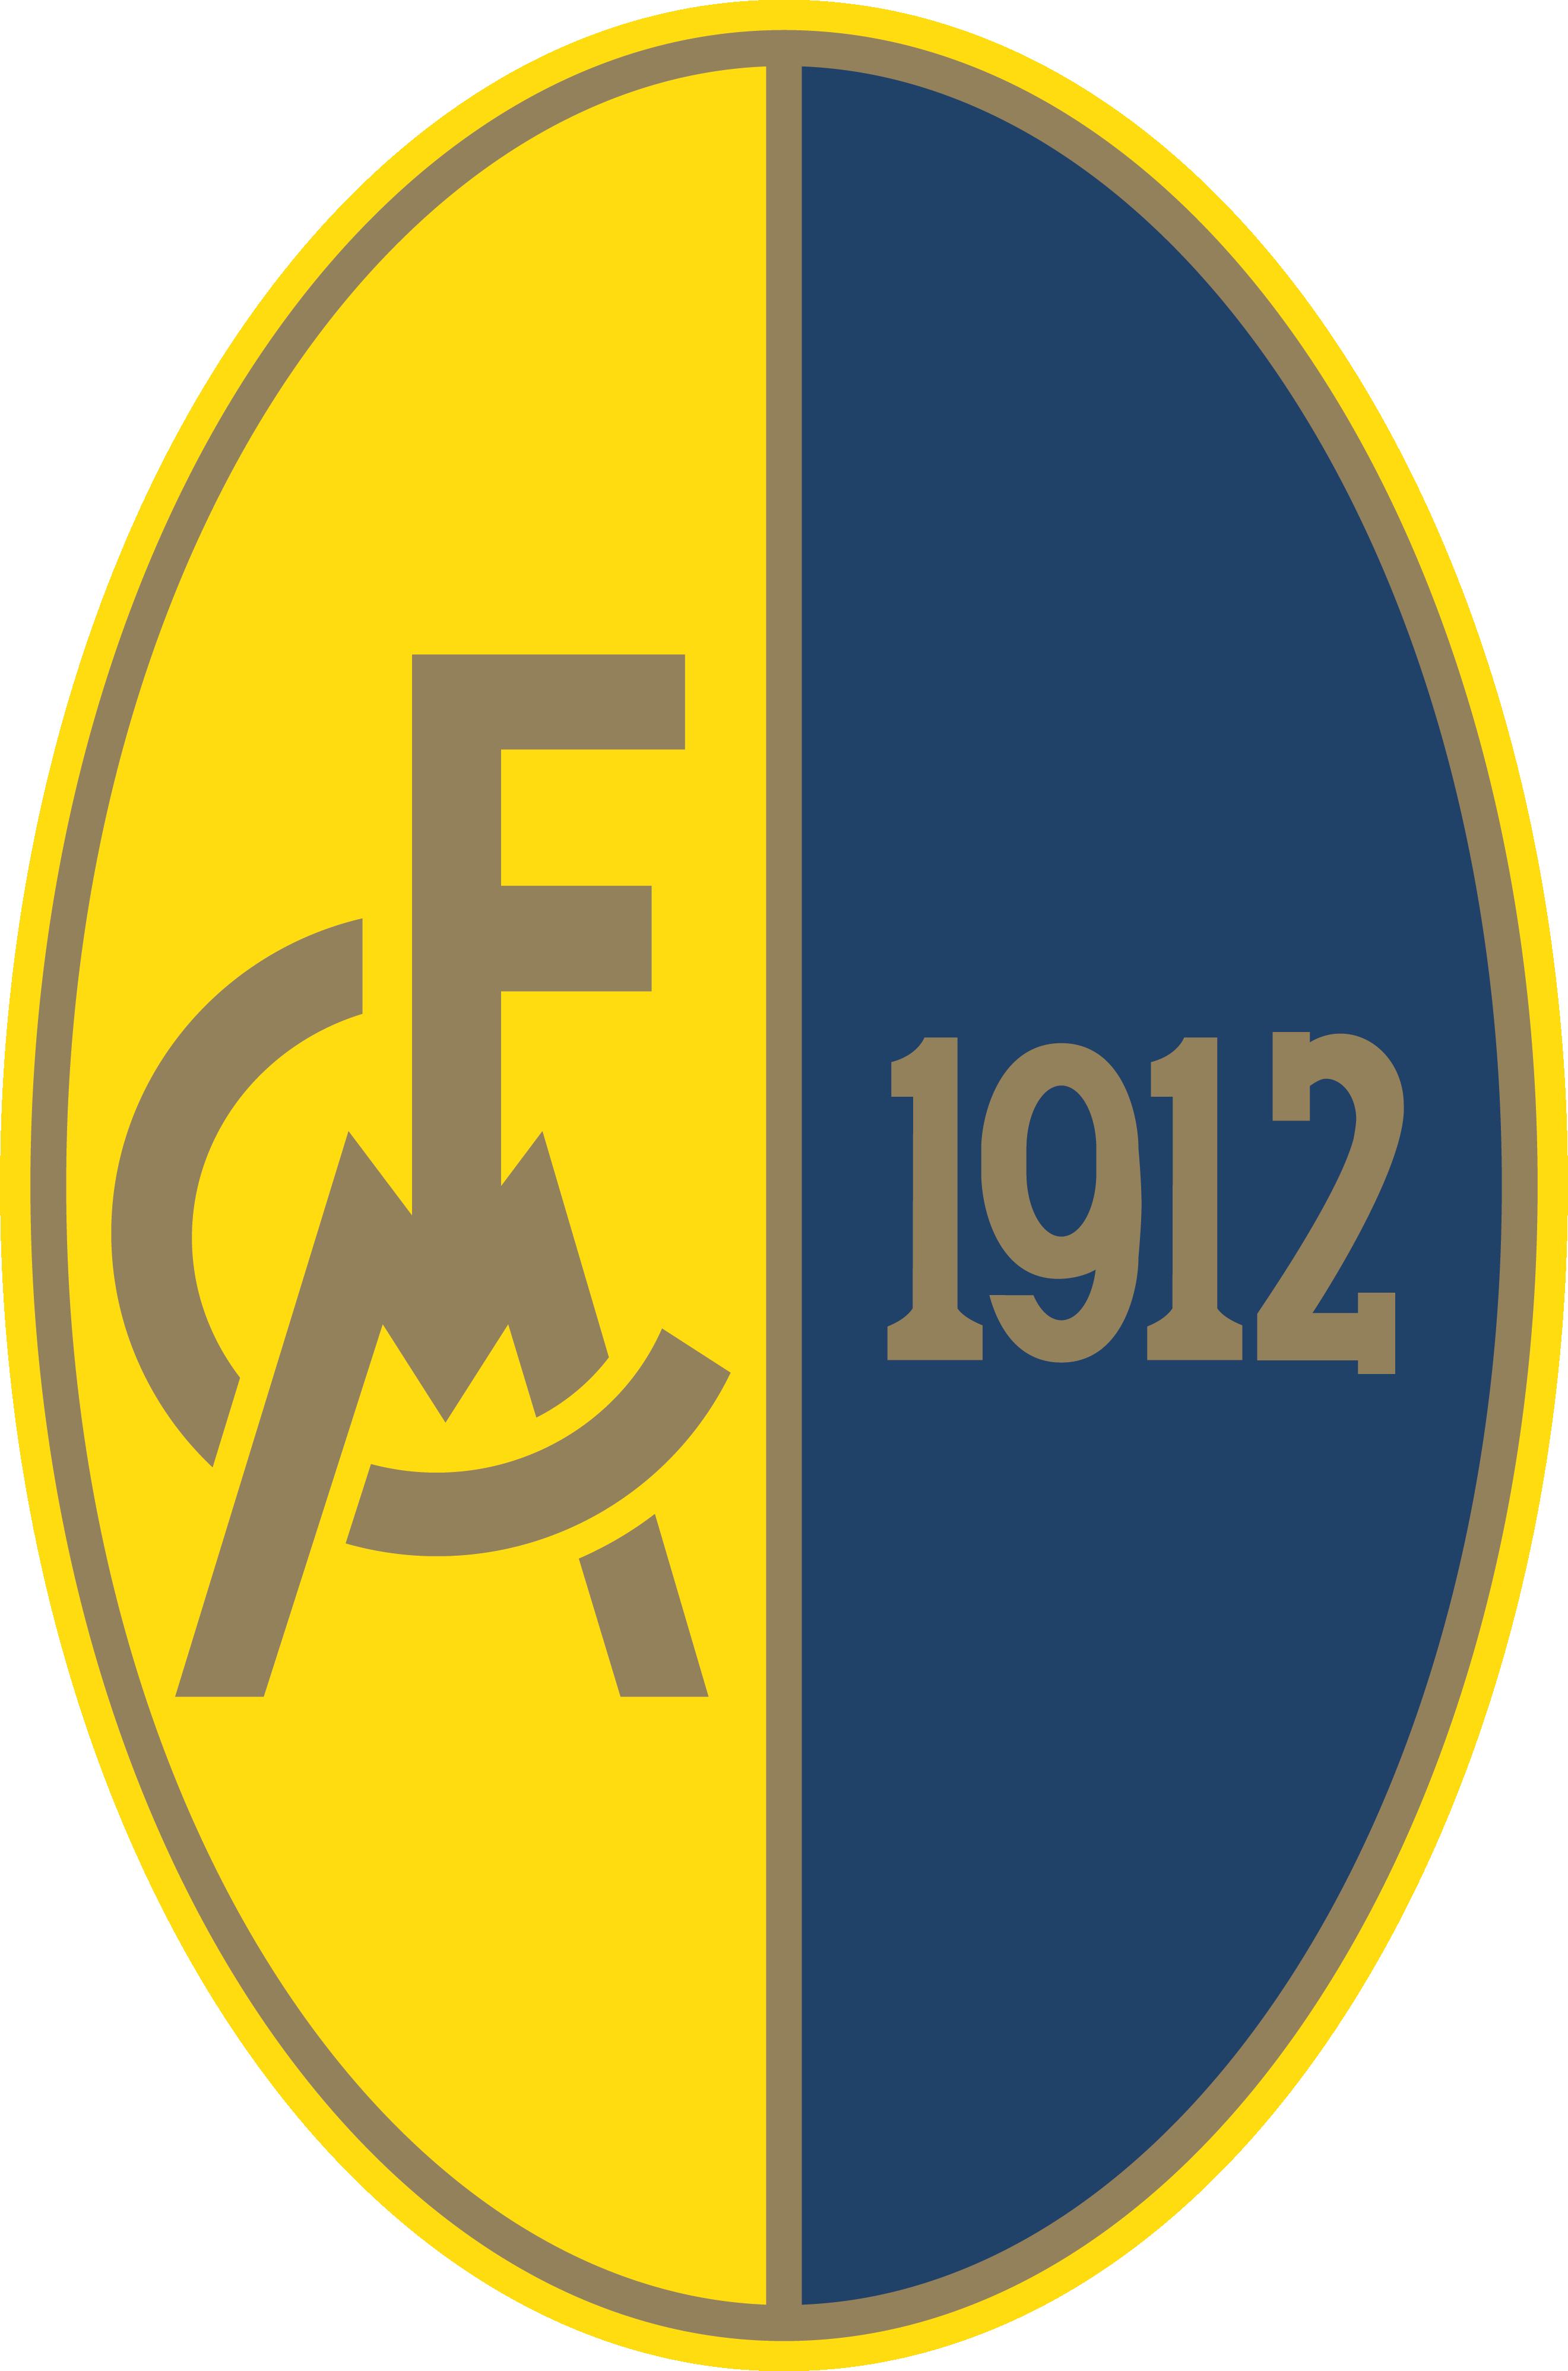 Risultati immagini per logo modena calcio